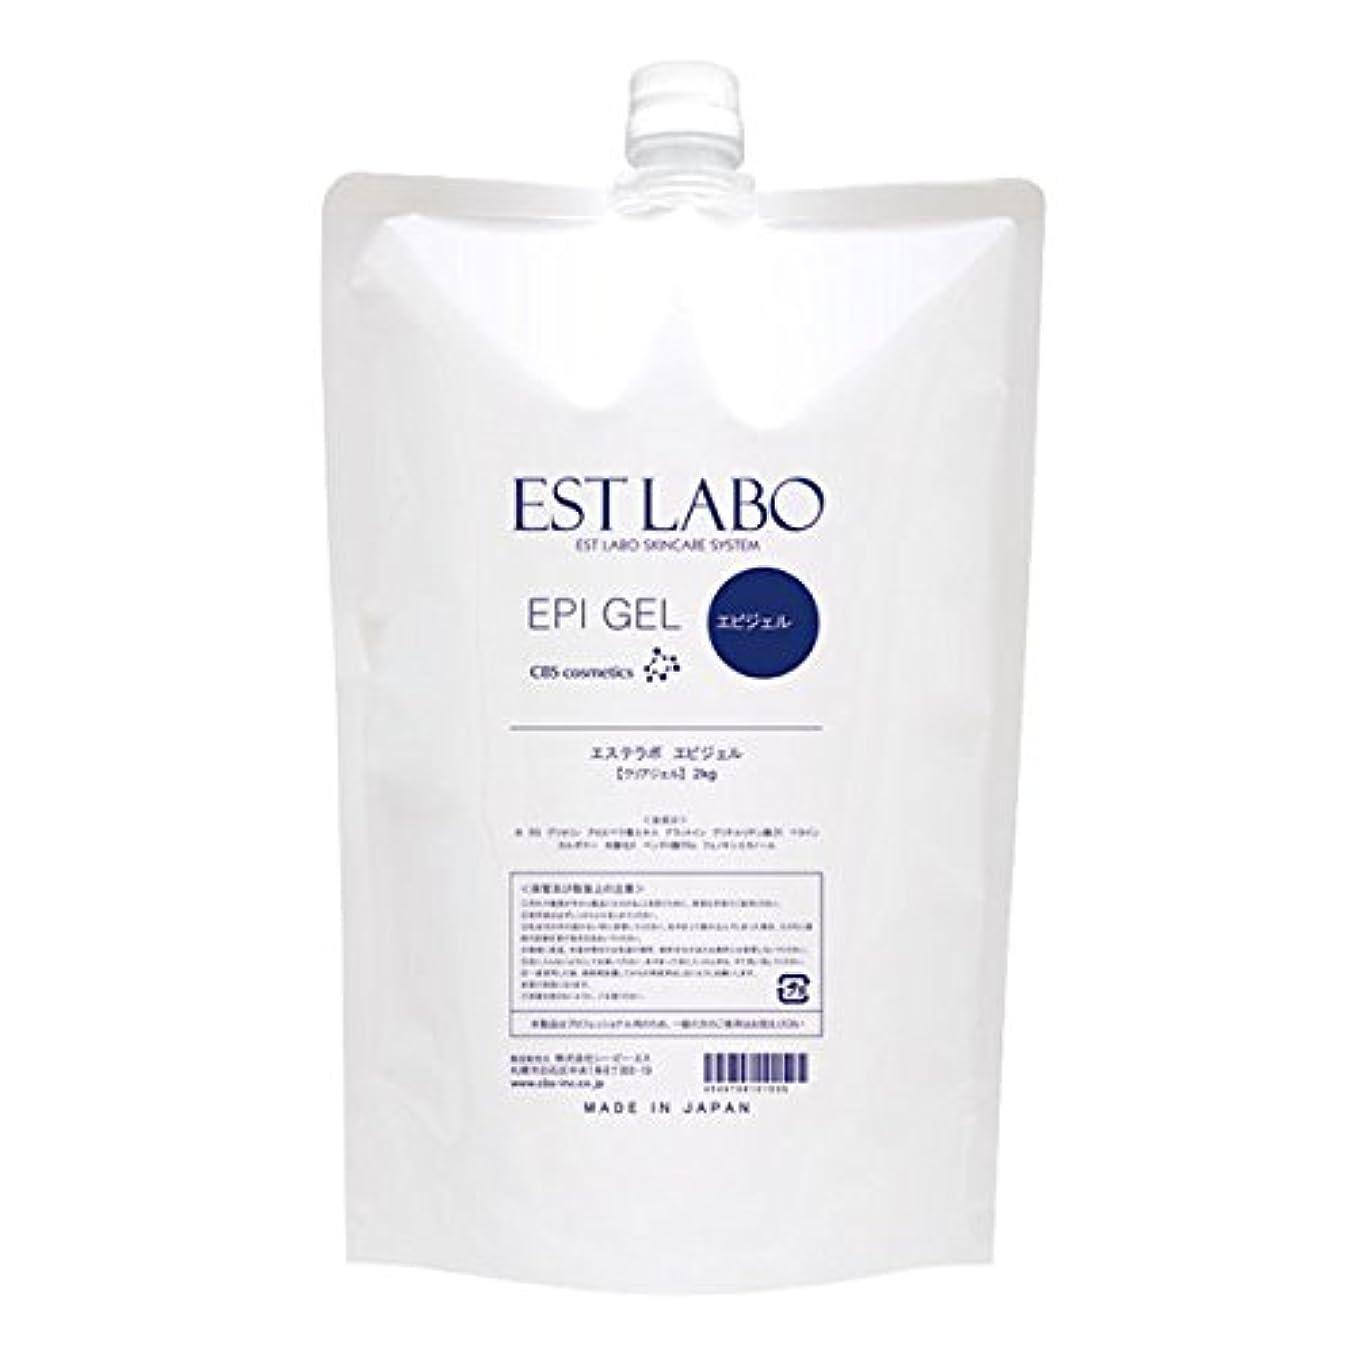 光沢のあるの先見の明脱毛 EST LABO エピジェル(1袋?2kg)×2 合計2袋?4kg 業務用